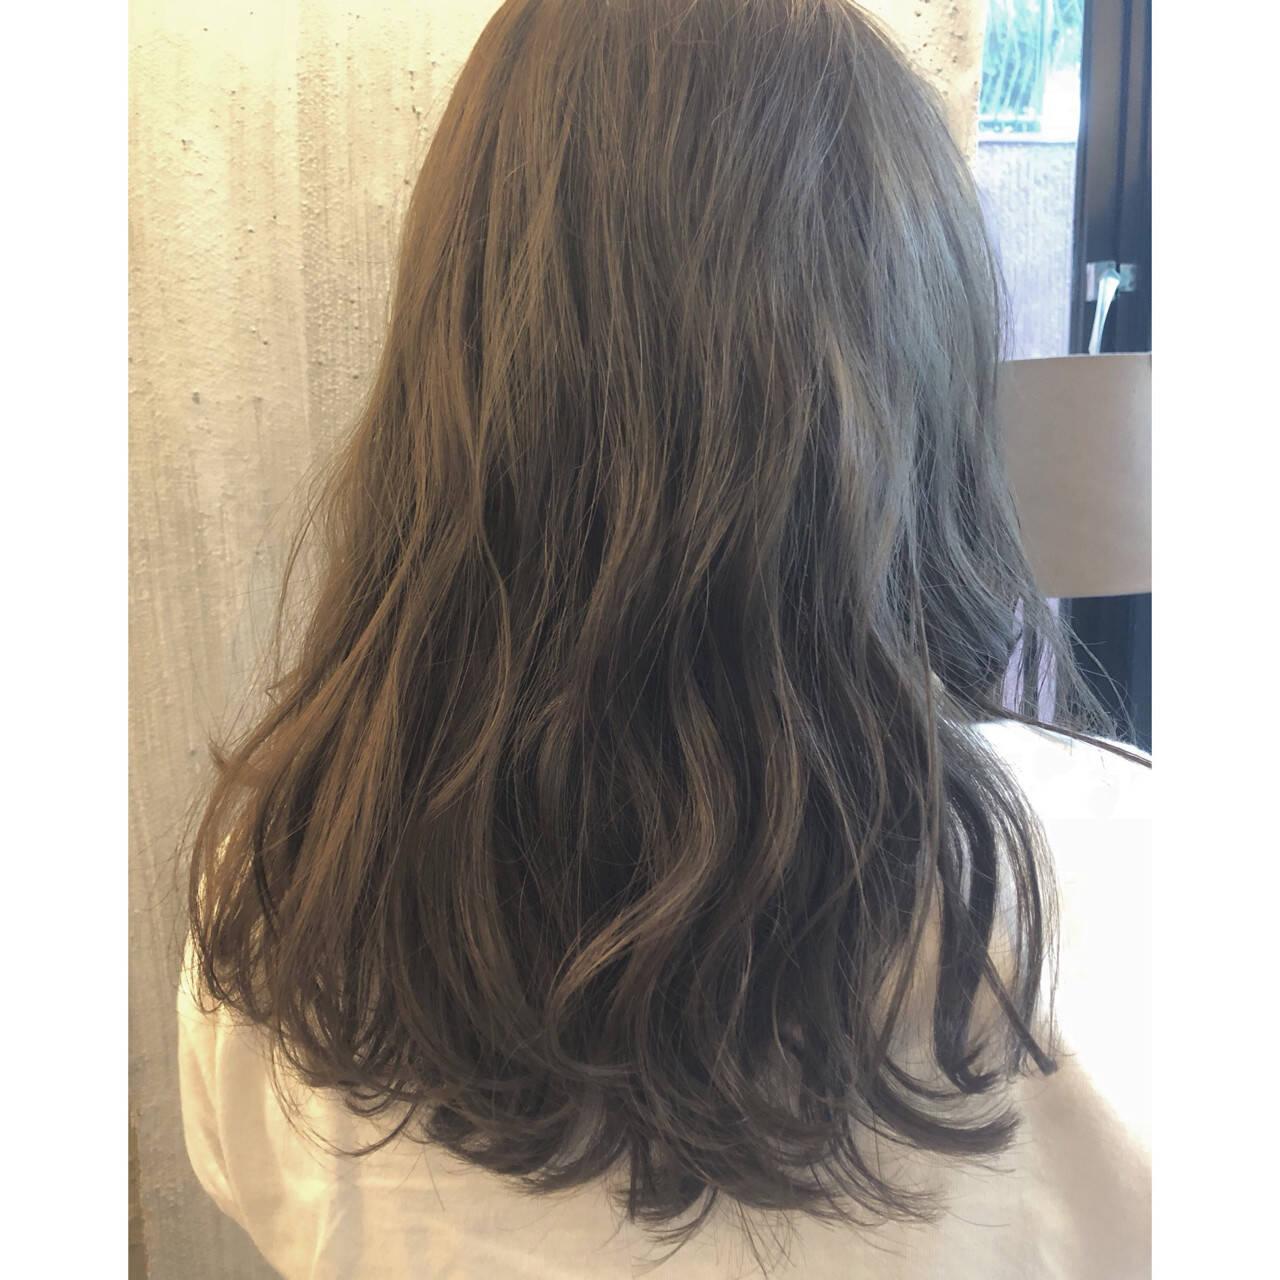 前髪あり おフェロ 透明感 ナチュラルヘアスタイルや髪型の写真・画像